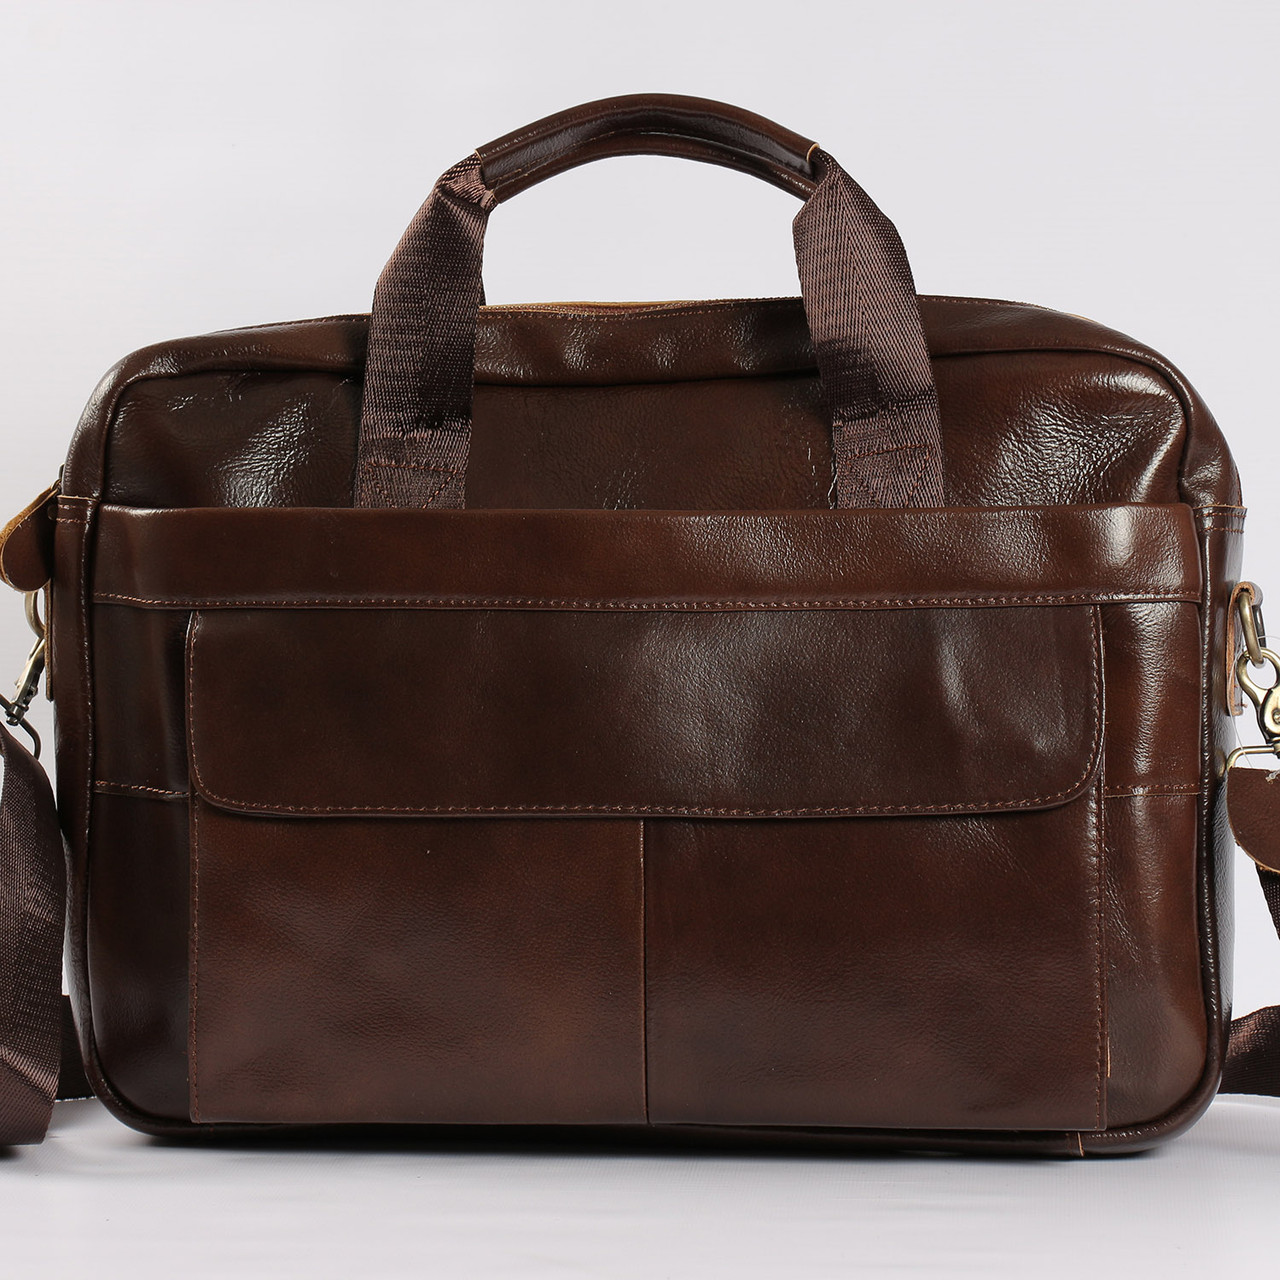 dcdc3eb27f55 Качественный кожаный портфель для ноутбука, деловой коричневый